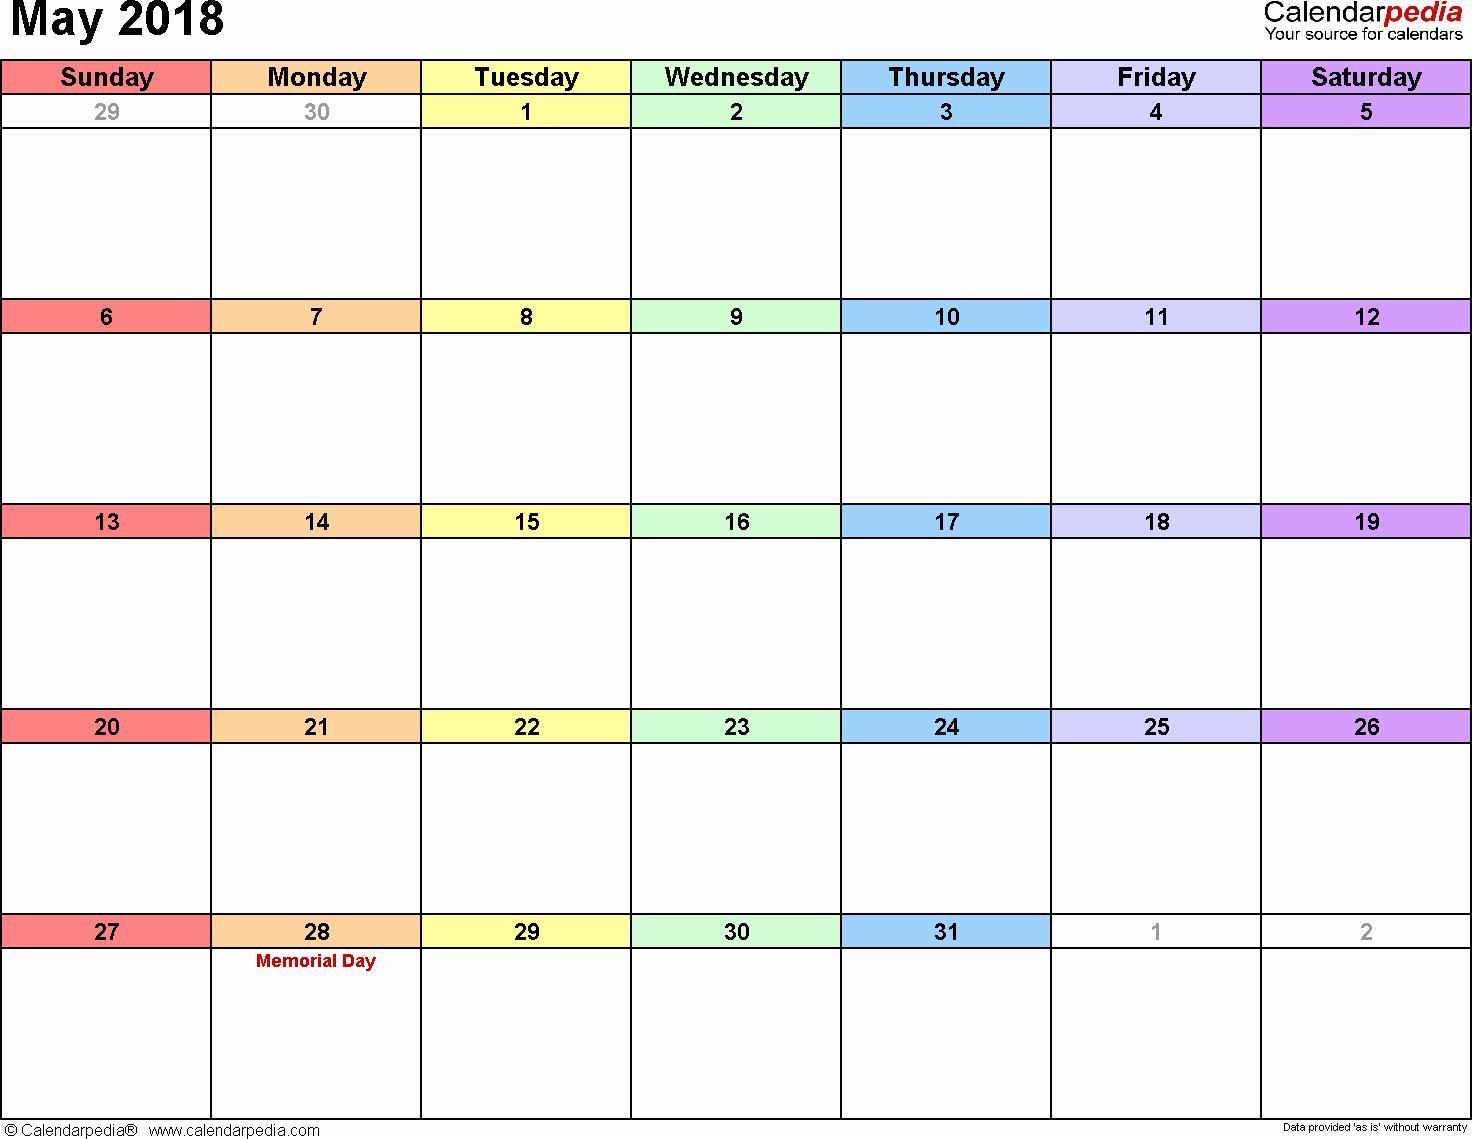 2017-2018 Printable Calendar Awesome May 2018 Printable Calendar